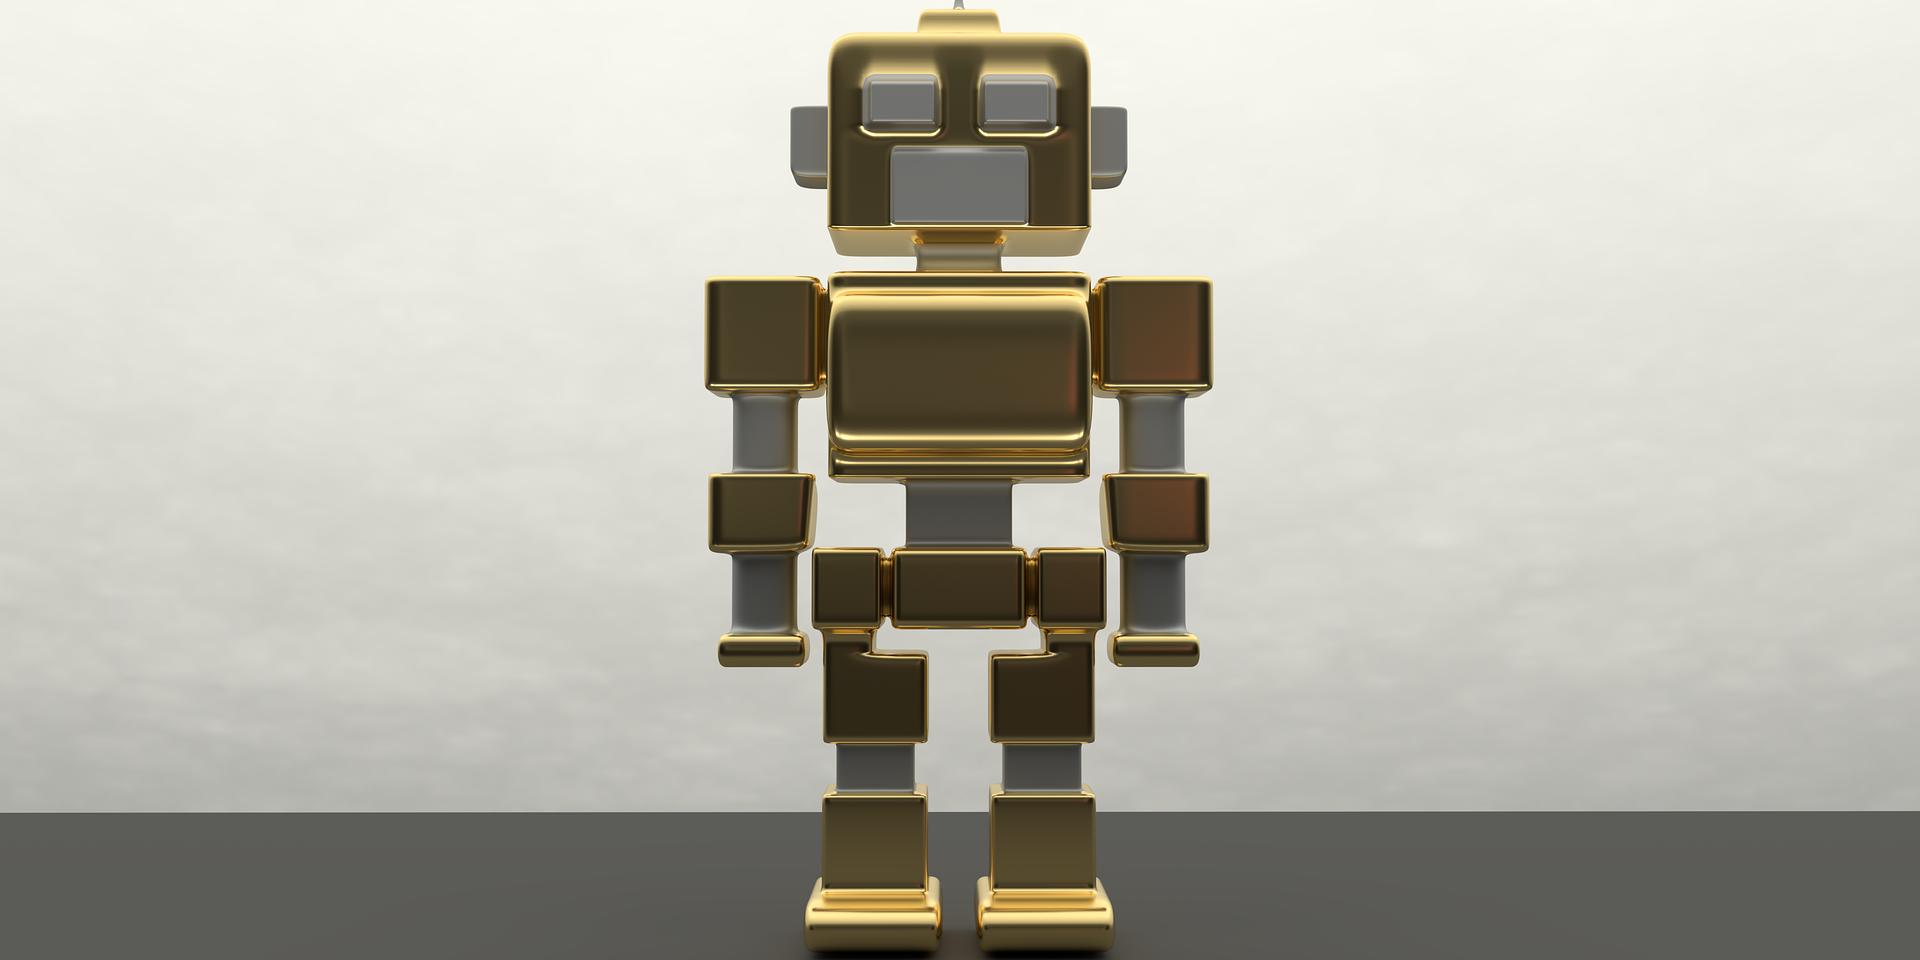 «АльфаСтрахование» начала использовать искусственный интеллект для обработки обращений клиентов